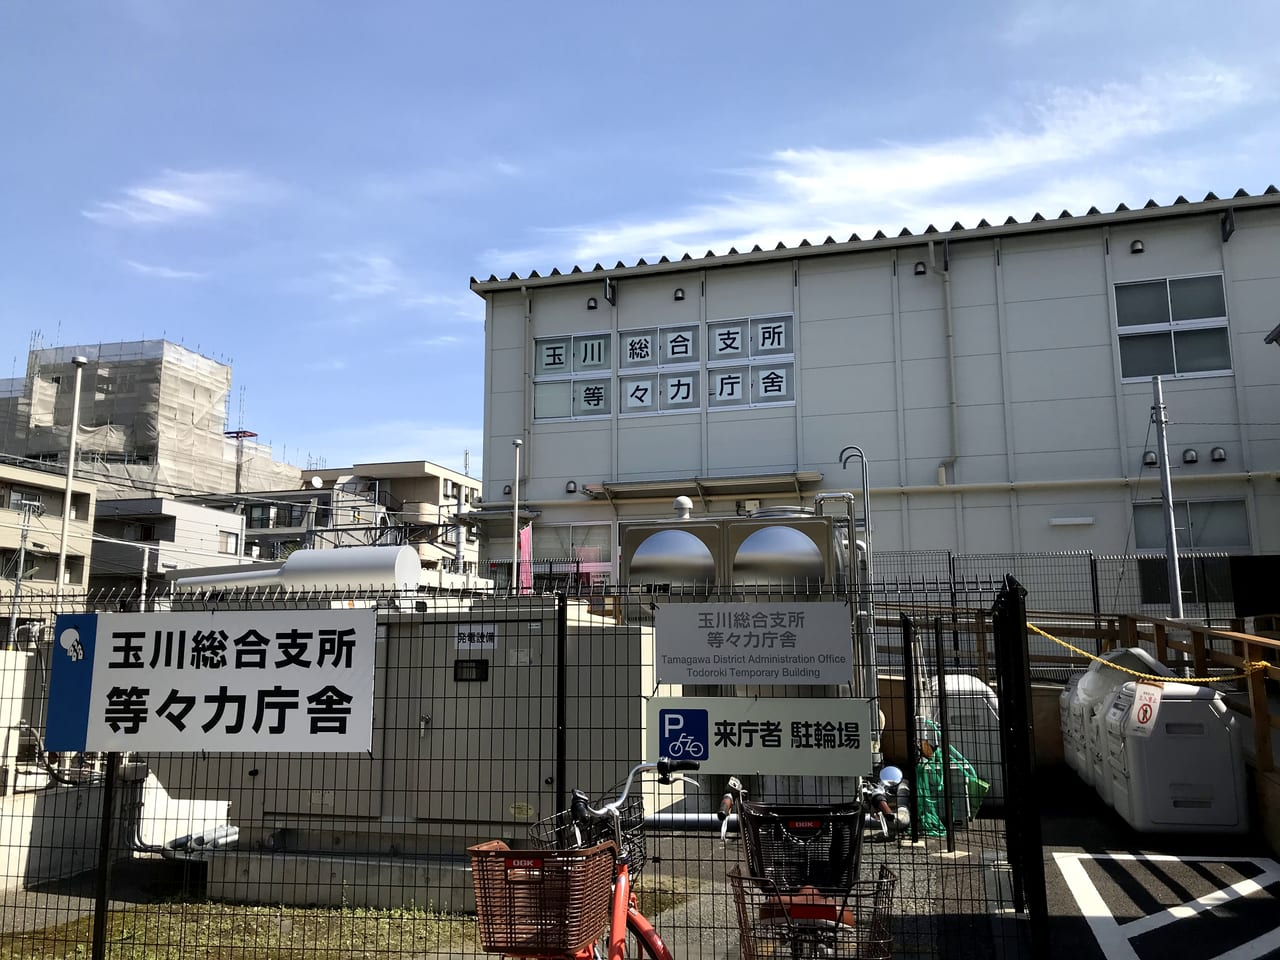 世田谷区等々力の玉川総合支所は2020年竣工予定